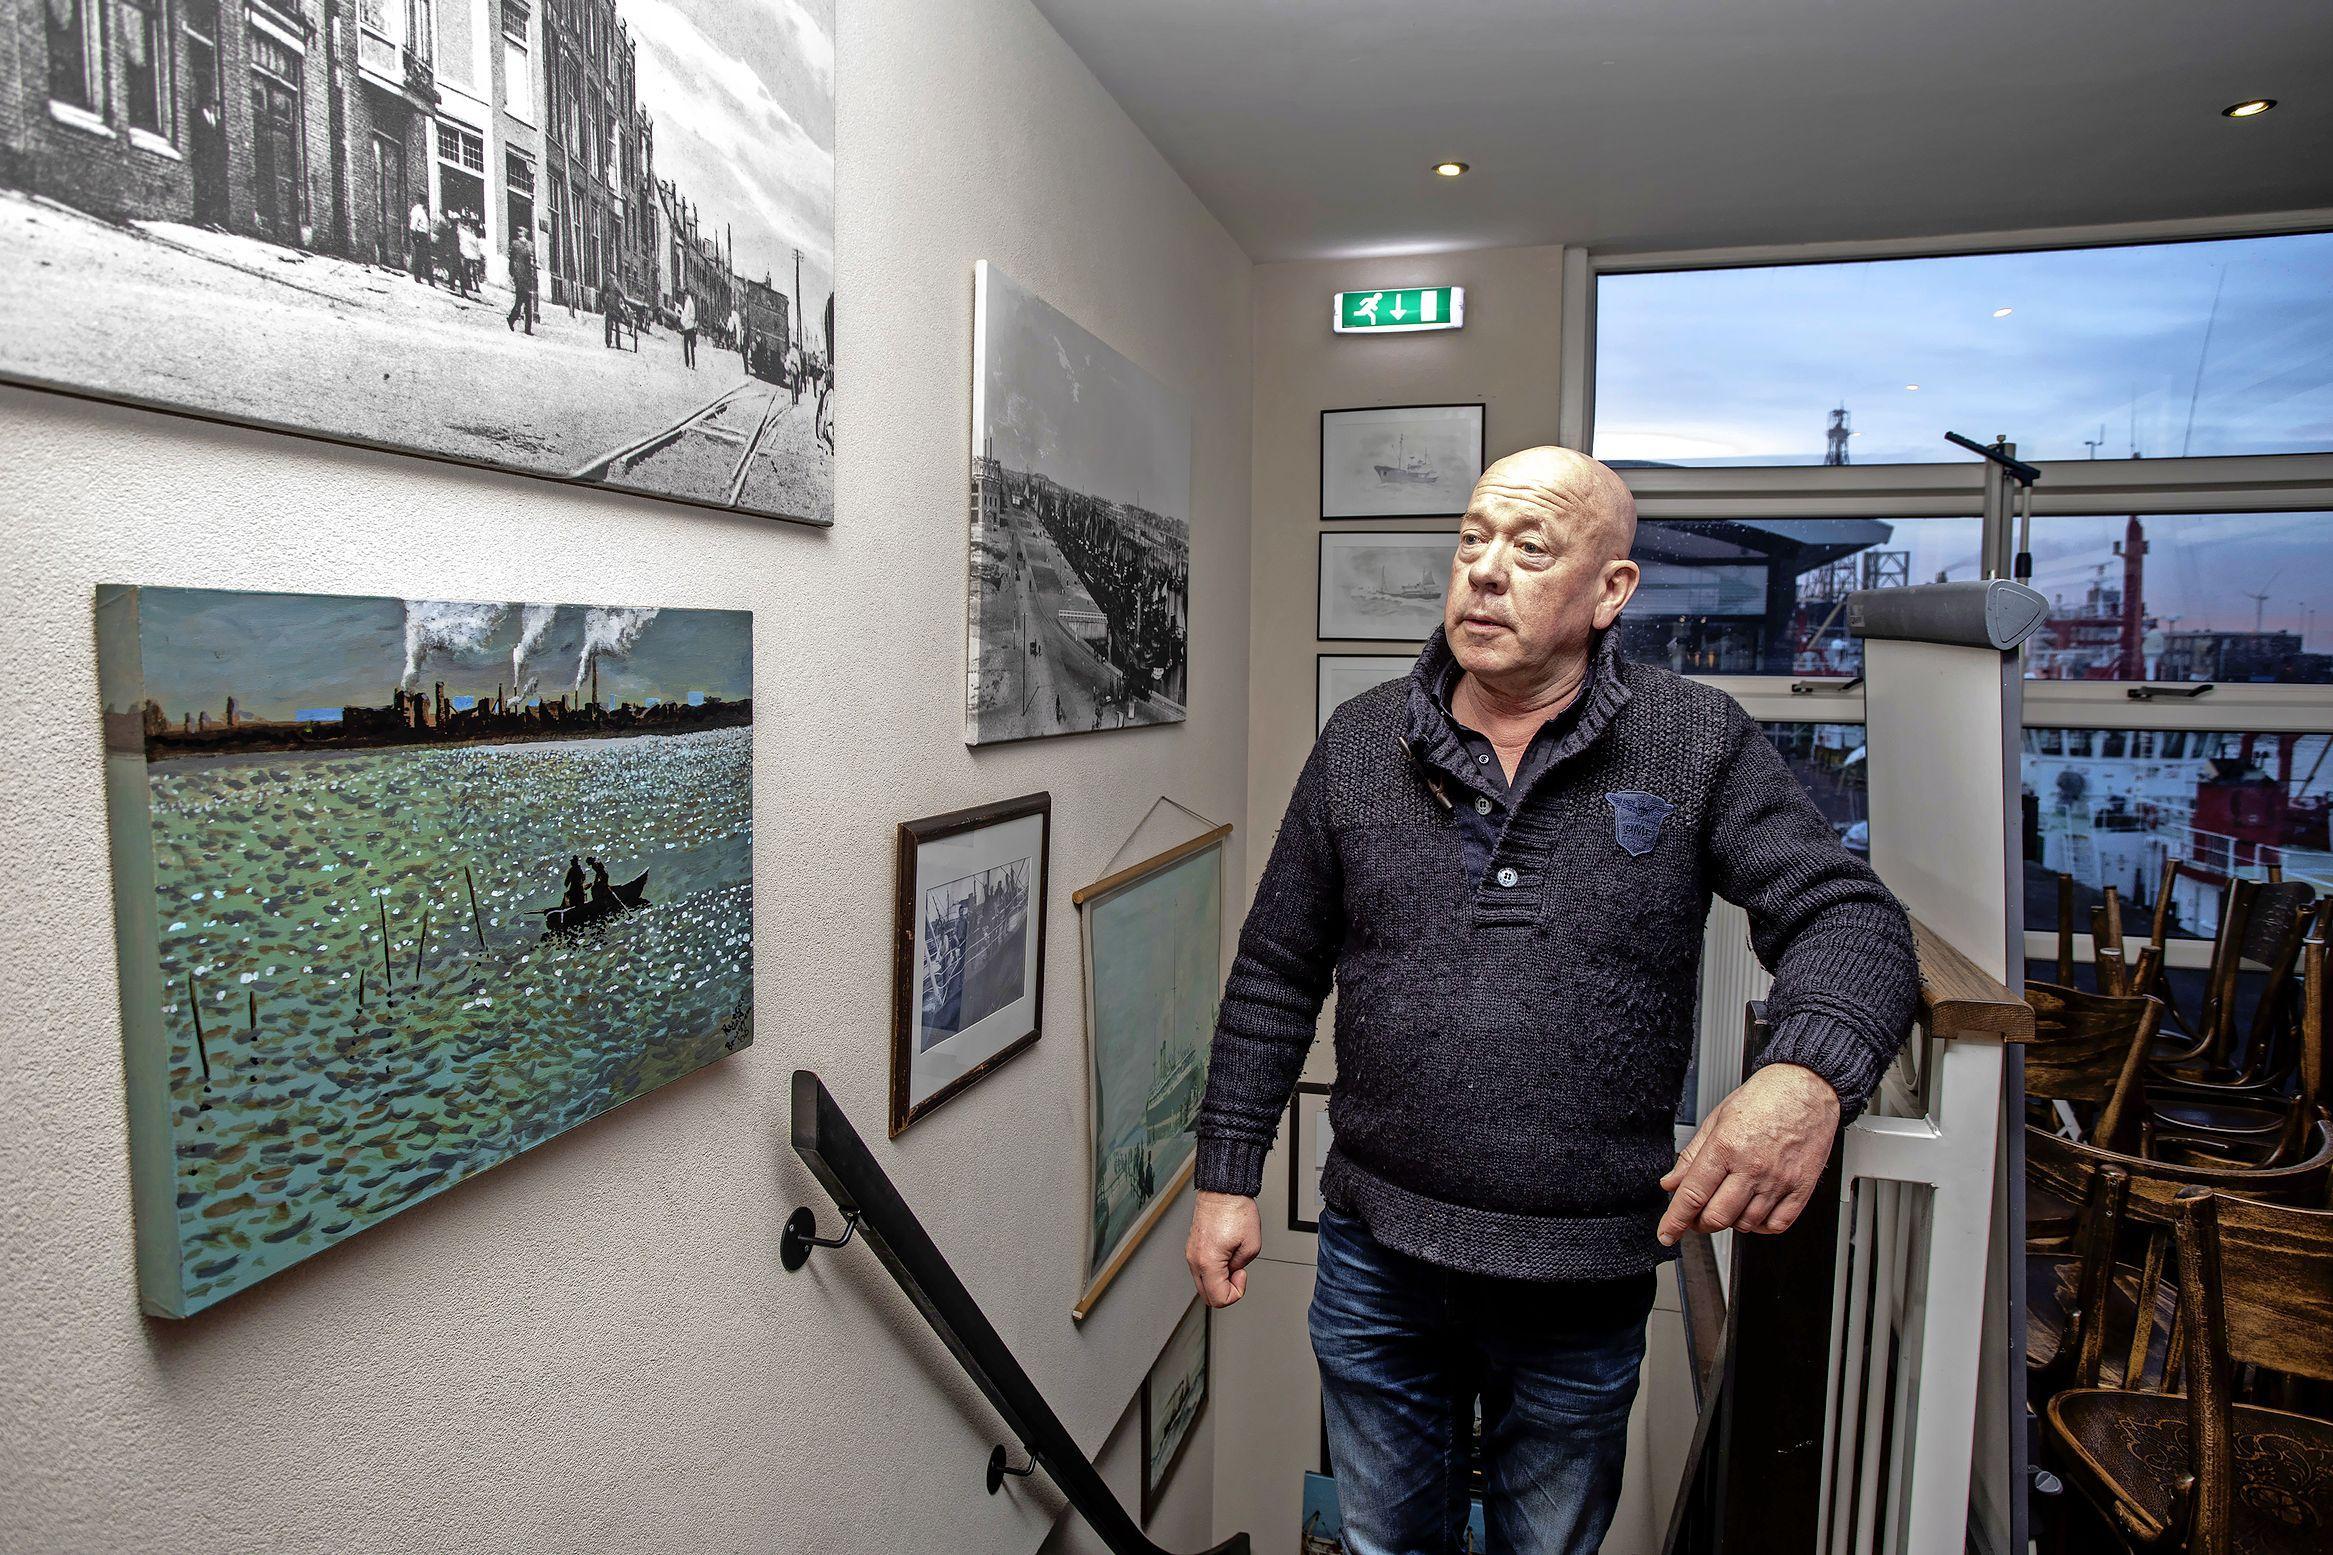 Horecaman Bart in IJmuiden gaat door, al staat het water tot aan zijn lippen en heeft hij zijn huis moeten verkopen. Een crowdfundingactie loopt storm [video]